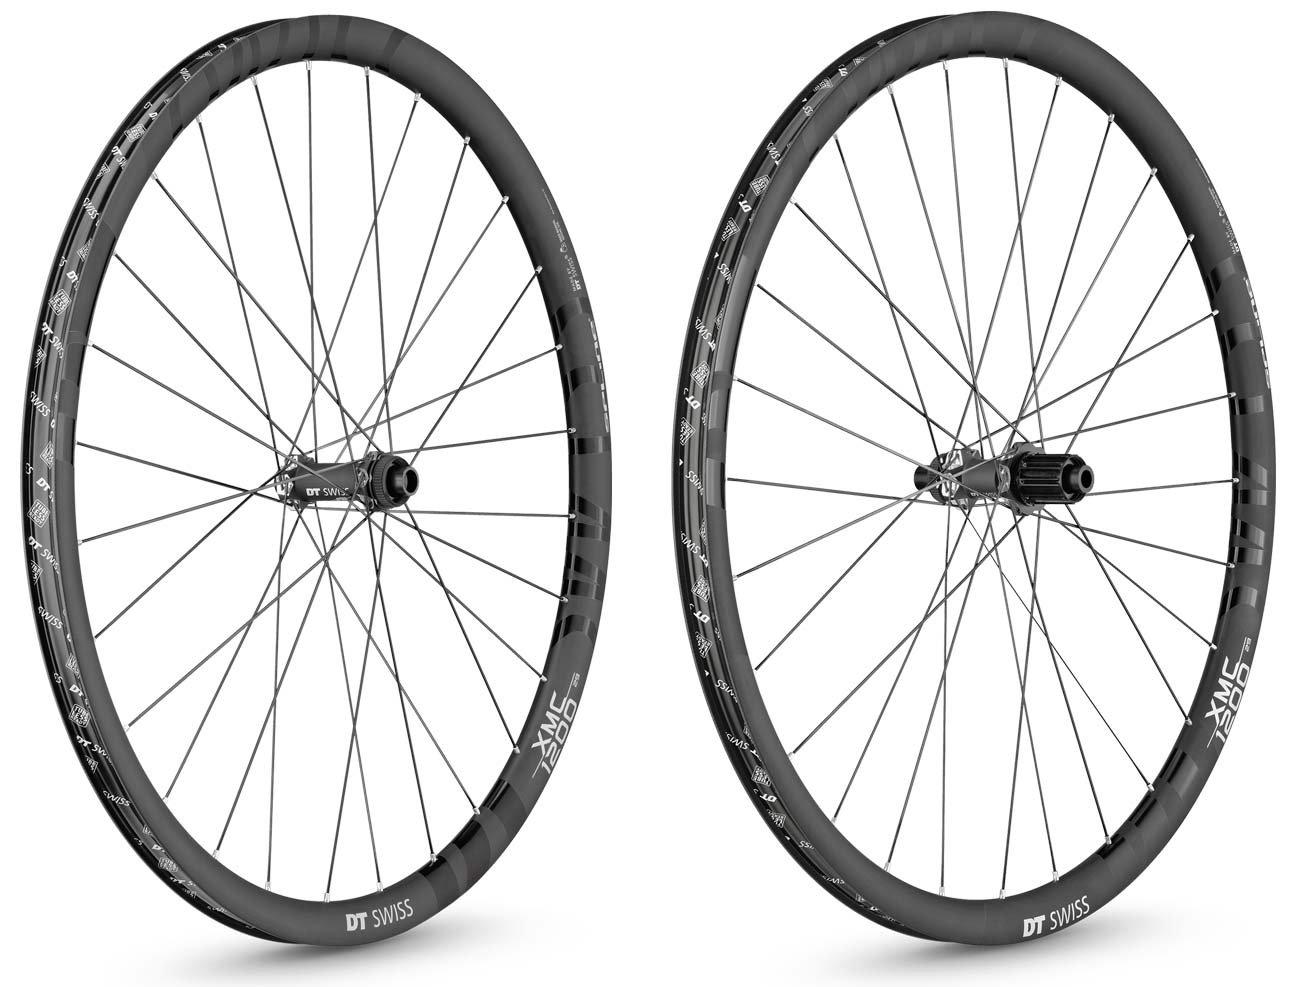 DT Swiss XRC 1200 carbono juego de ruedas, par 27,5 Inch: Amazon.es: Deportes y aire libre